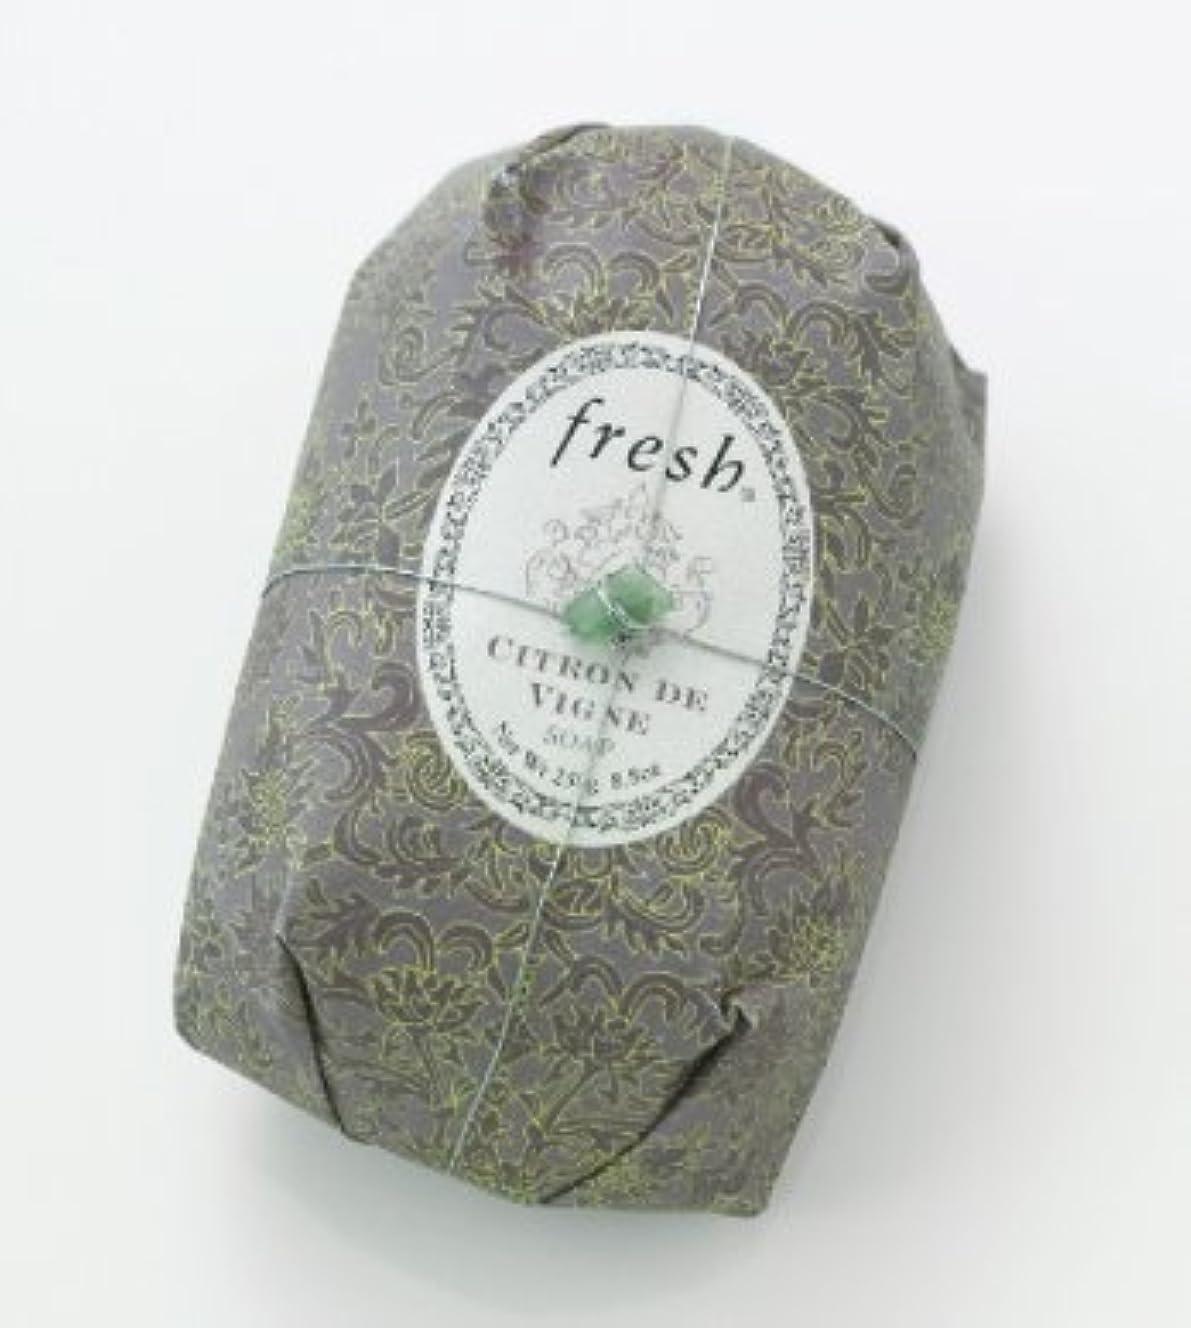 一般結果として猛烈なFresh CITRON DE VIGNE SOAP (フレッシュ シトロンデヴァイン ソープ) 8.8 oz (250g) Soap (石鹸) by Fresh